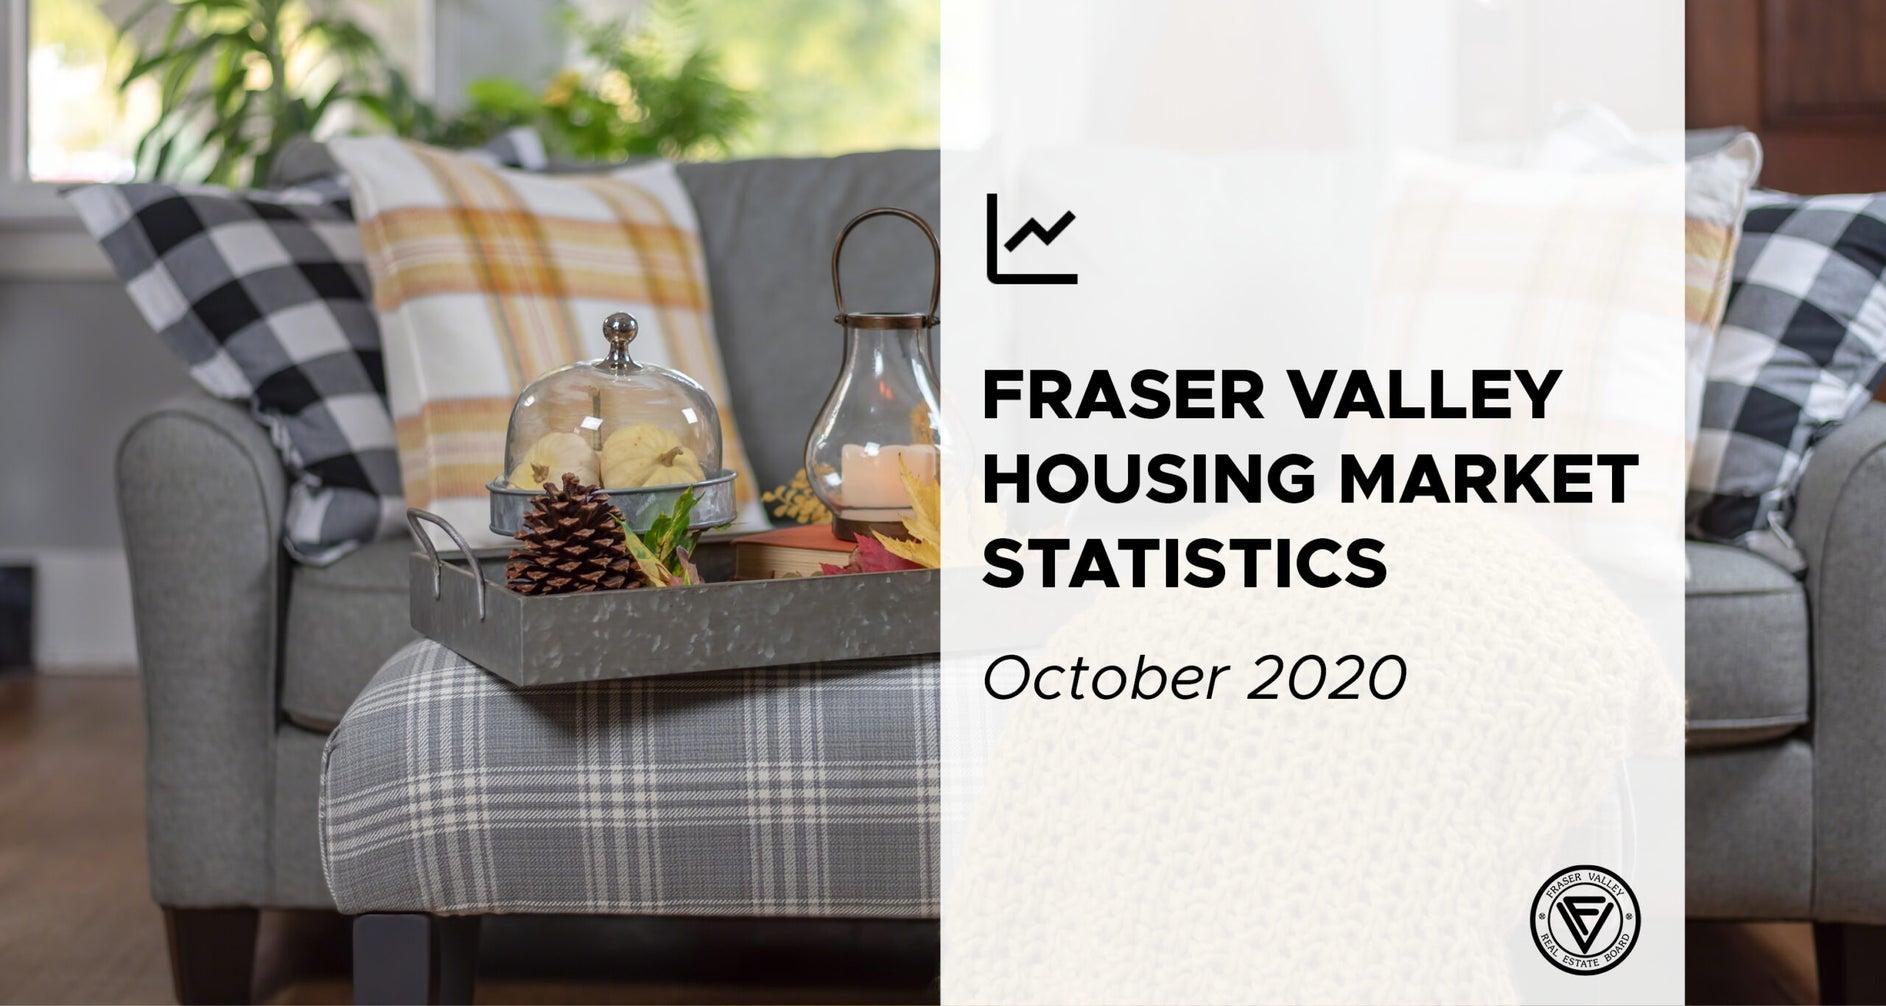 Fraser Valley Housing Market Statistics - October 2020